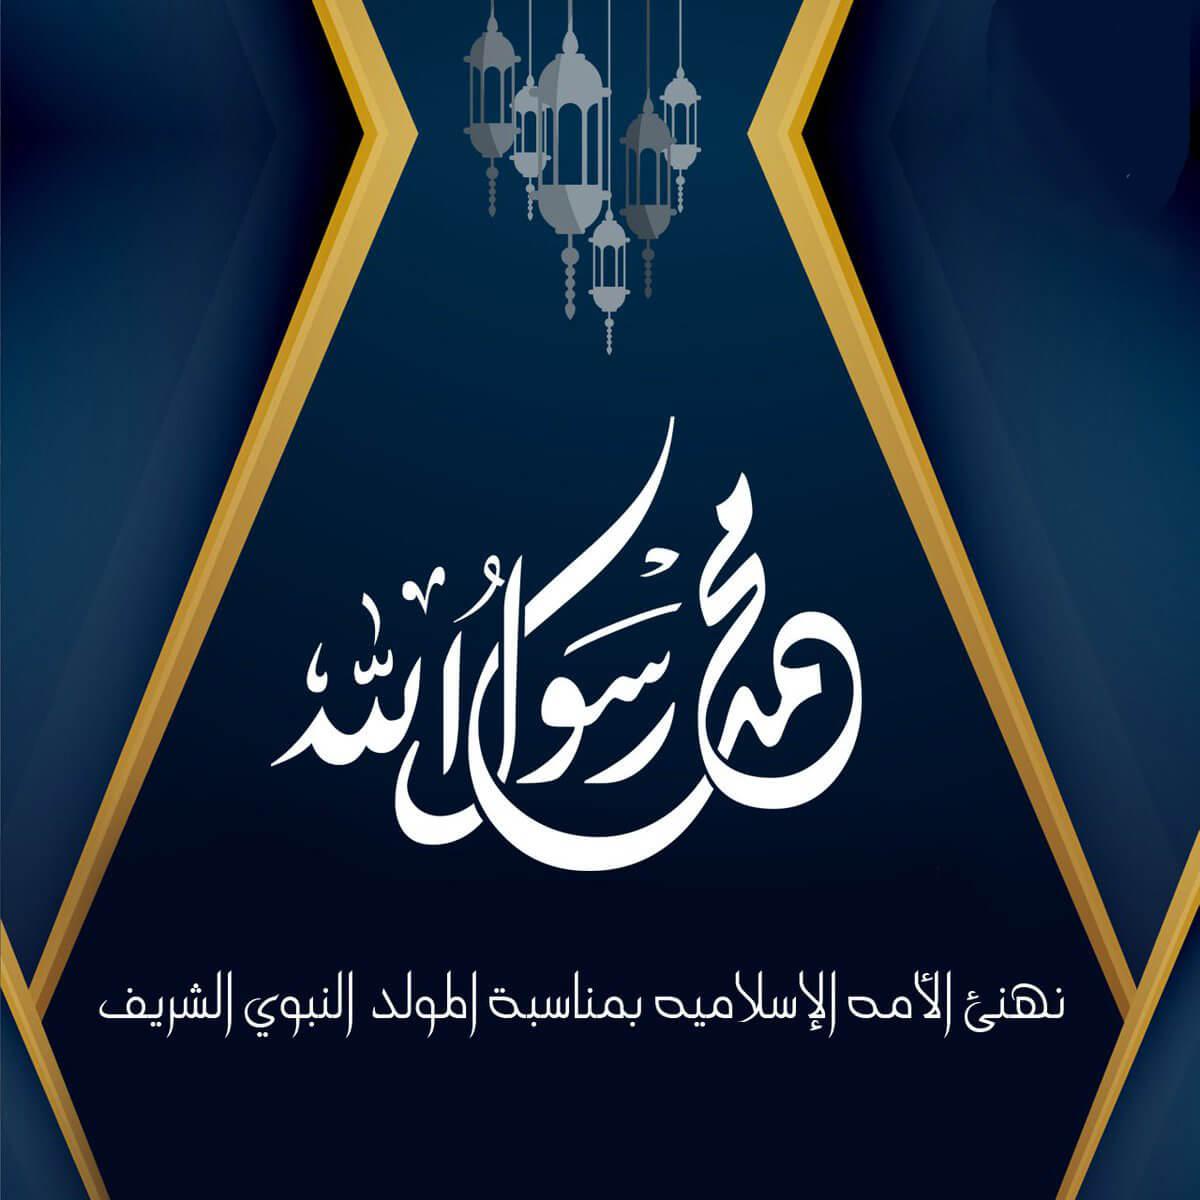 صورة اجمل الصور عن المولد النبوي الشريف , بطاقات تهاني بذكرى المولد الشريف